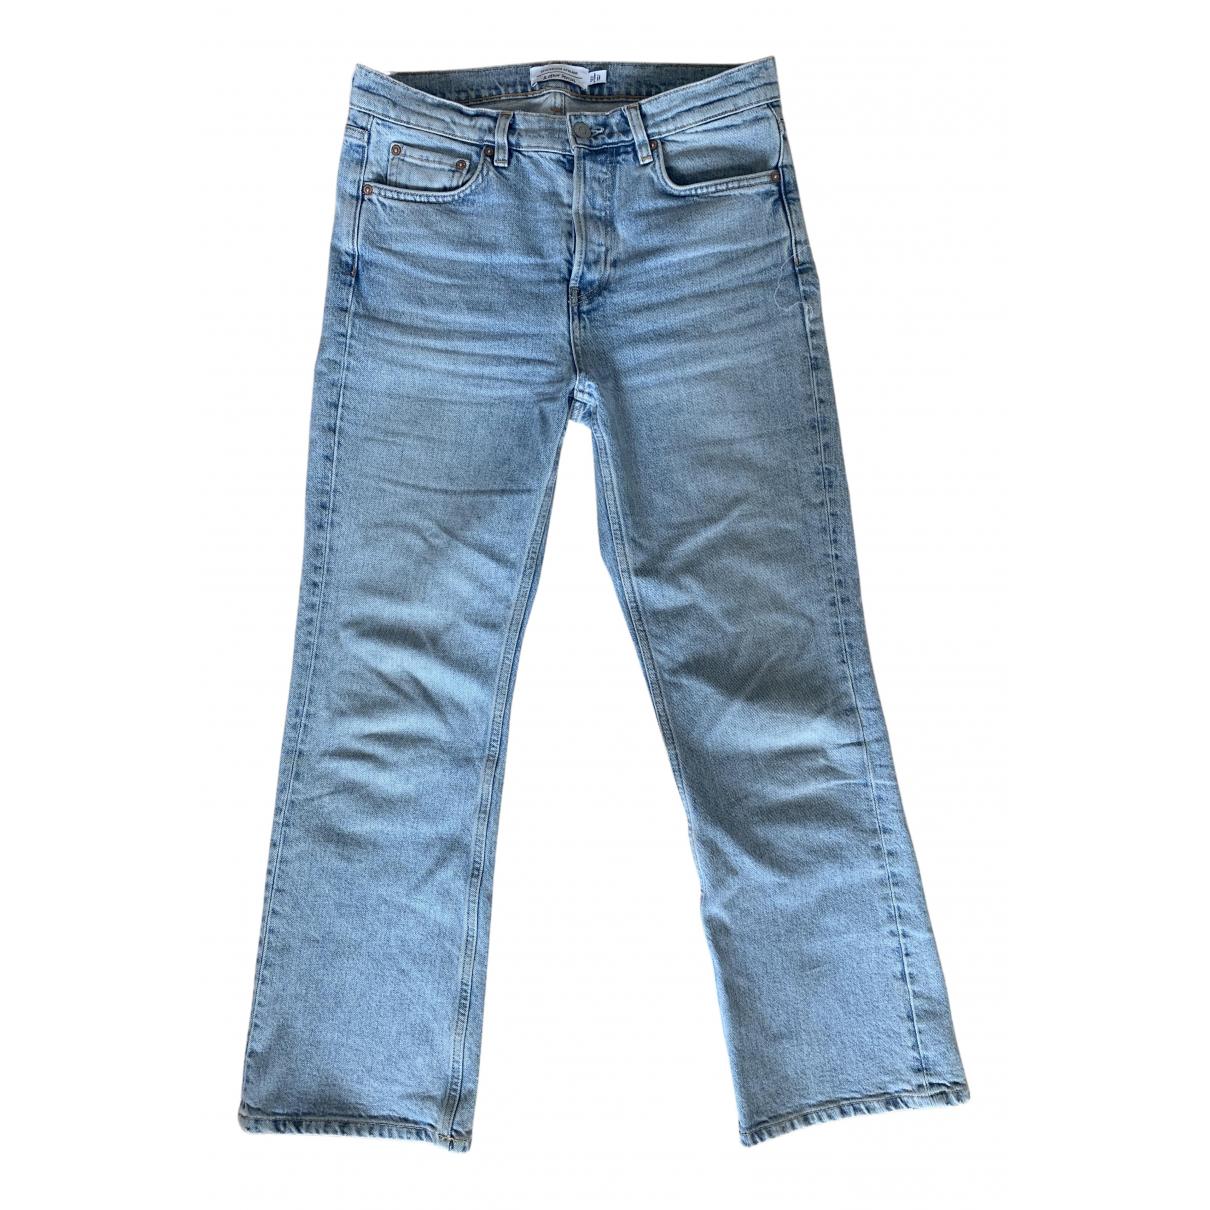 Pantalon recto & Other Stories